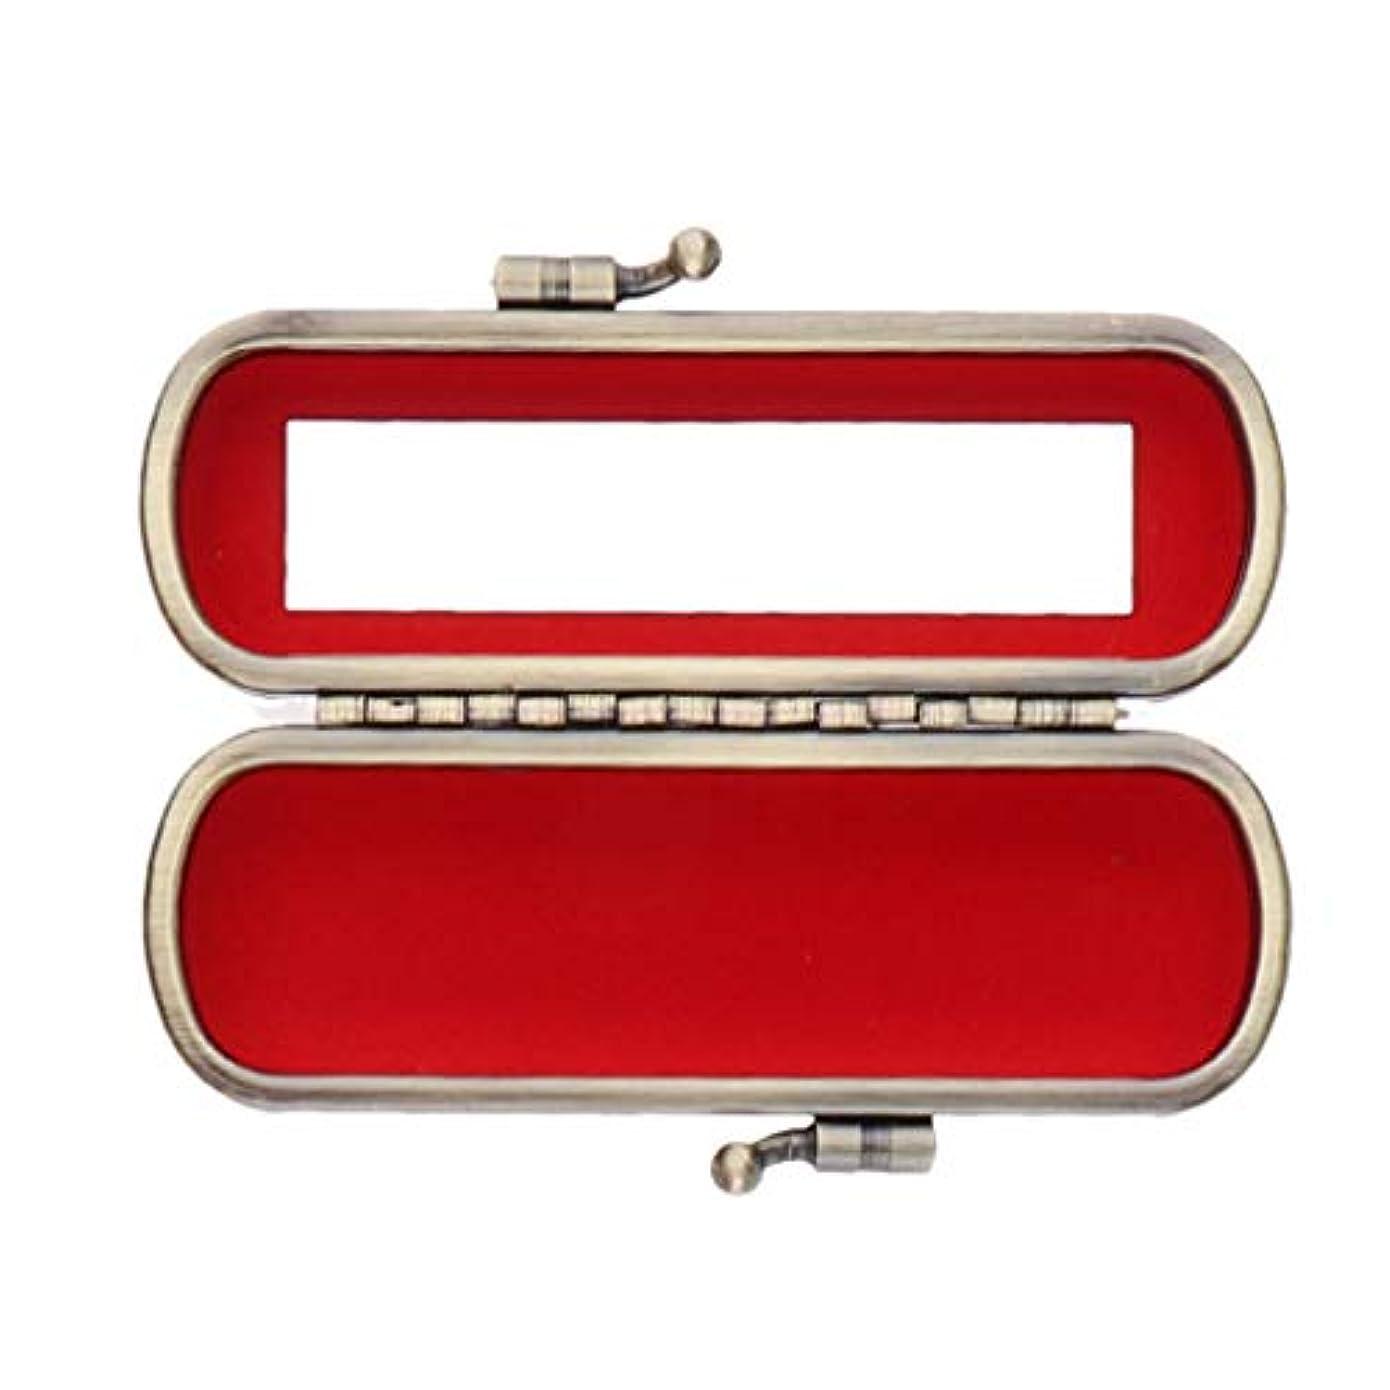 暗黙タンク含意財布用ミラーオーガナイザーバッグ付きかわいいレザーリップスティックリップクリームケース - 赤